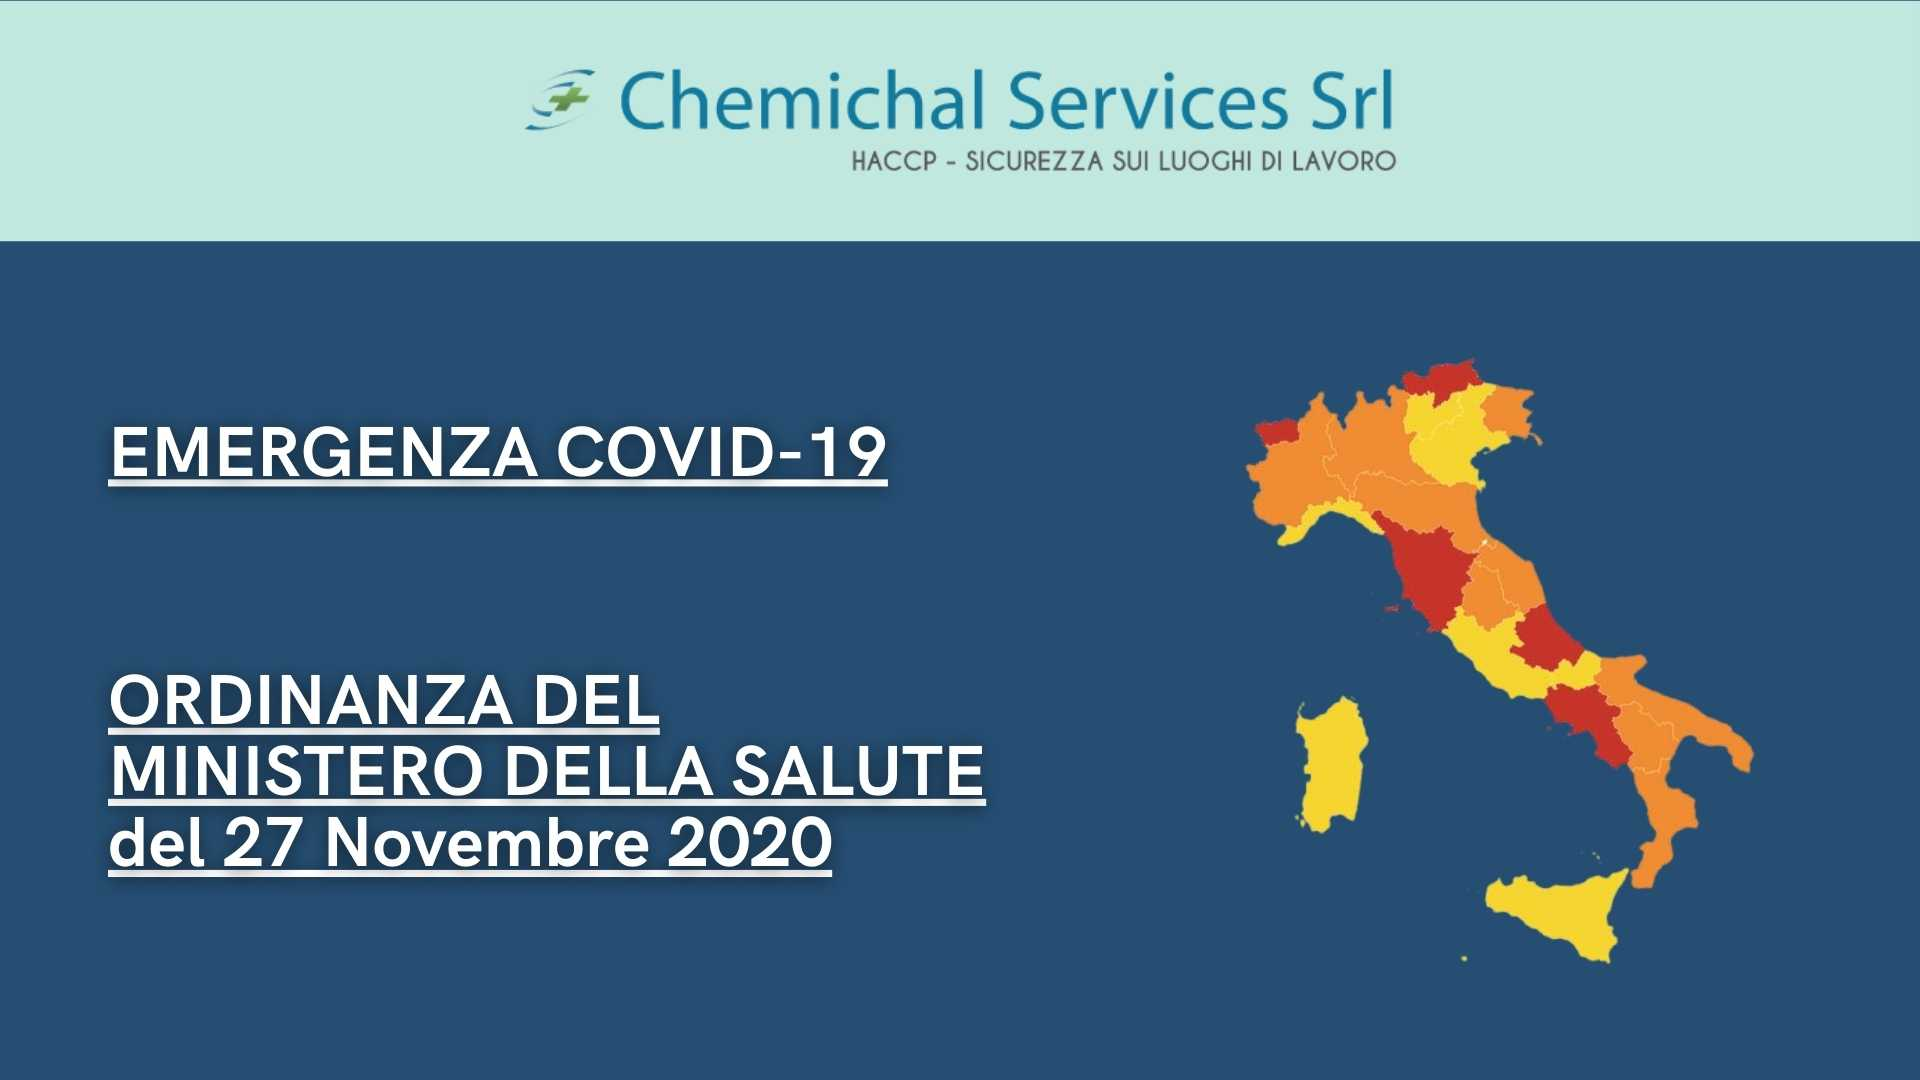 You are currently viewing Emergenza COVID-19 | Ordinanza del Ministero della Salute